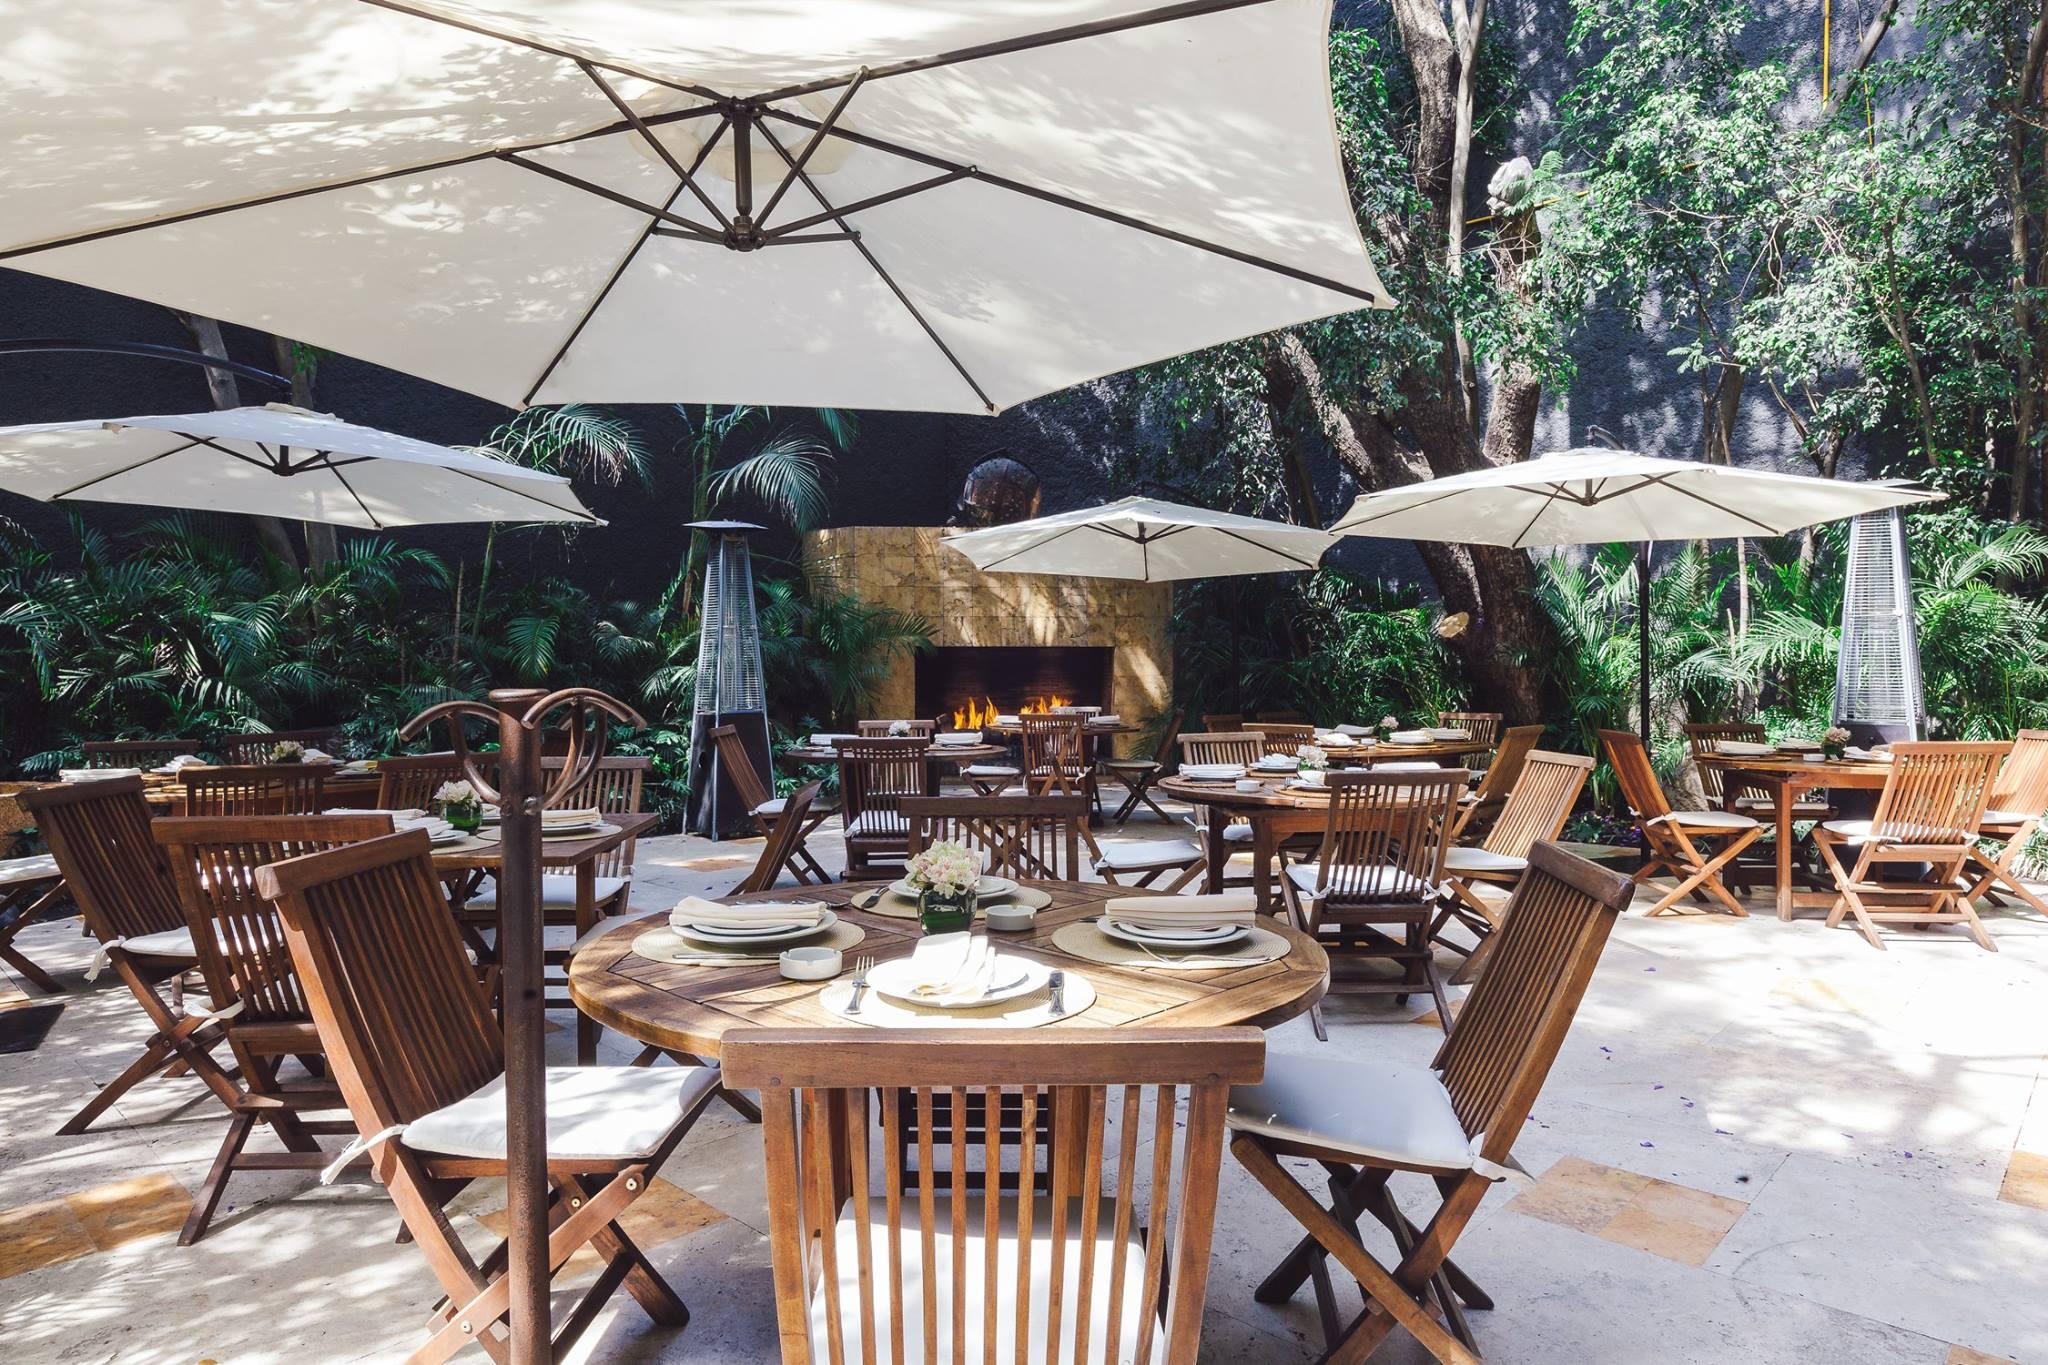 10 de los restaurantes al aire libre más bonitos y encantadores de San Ángel